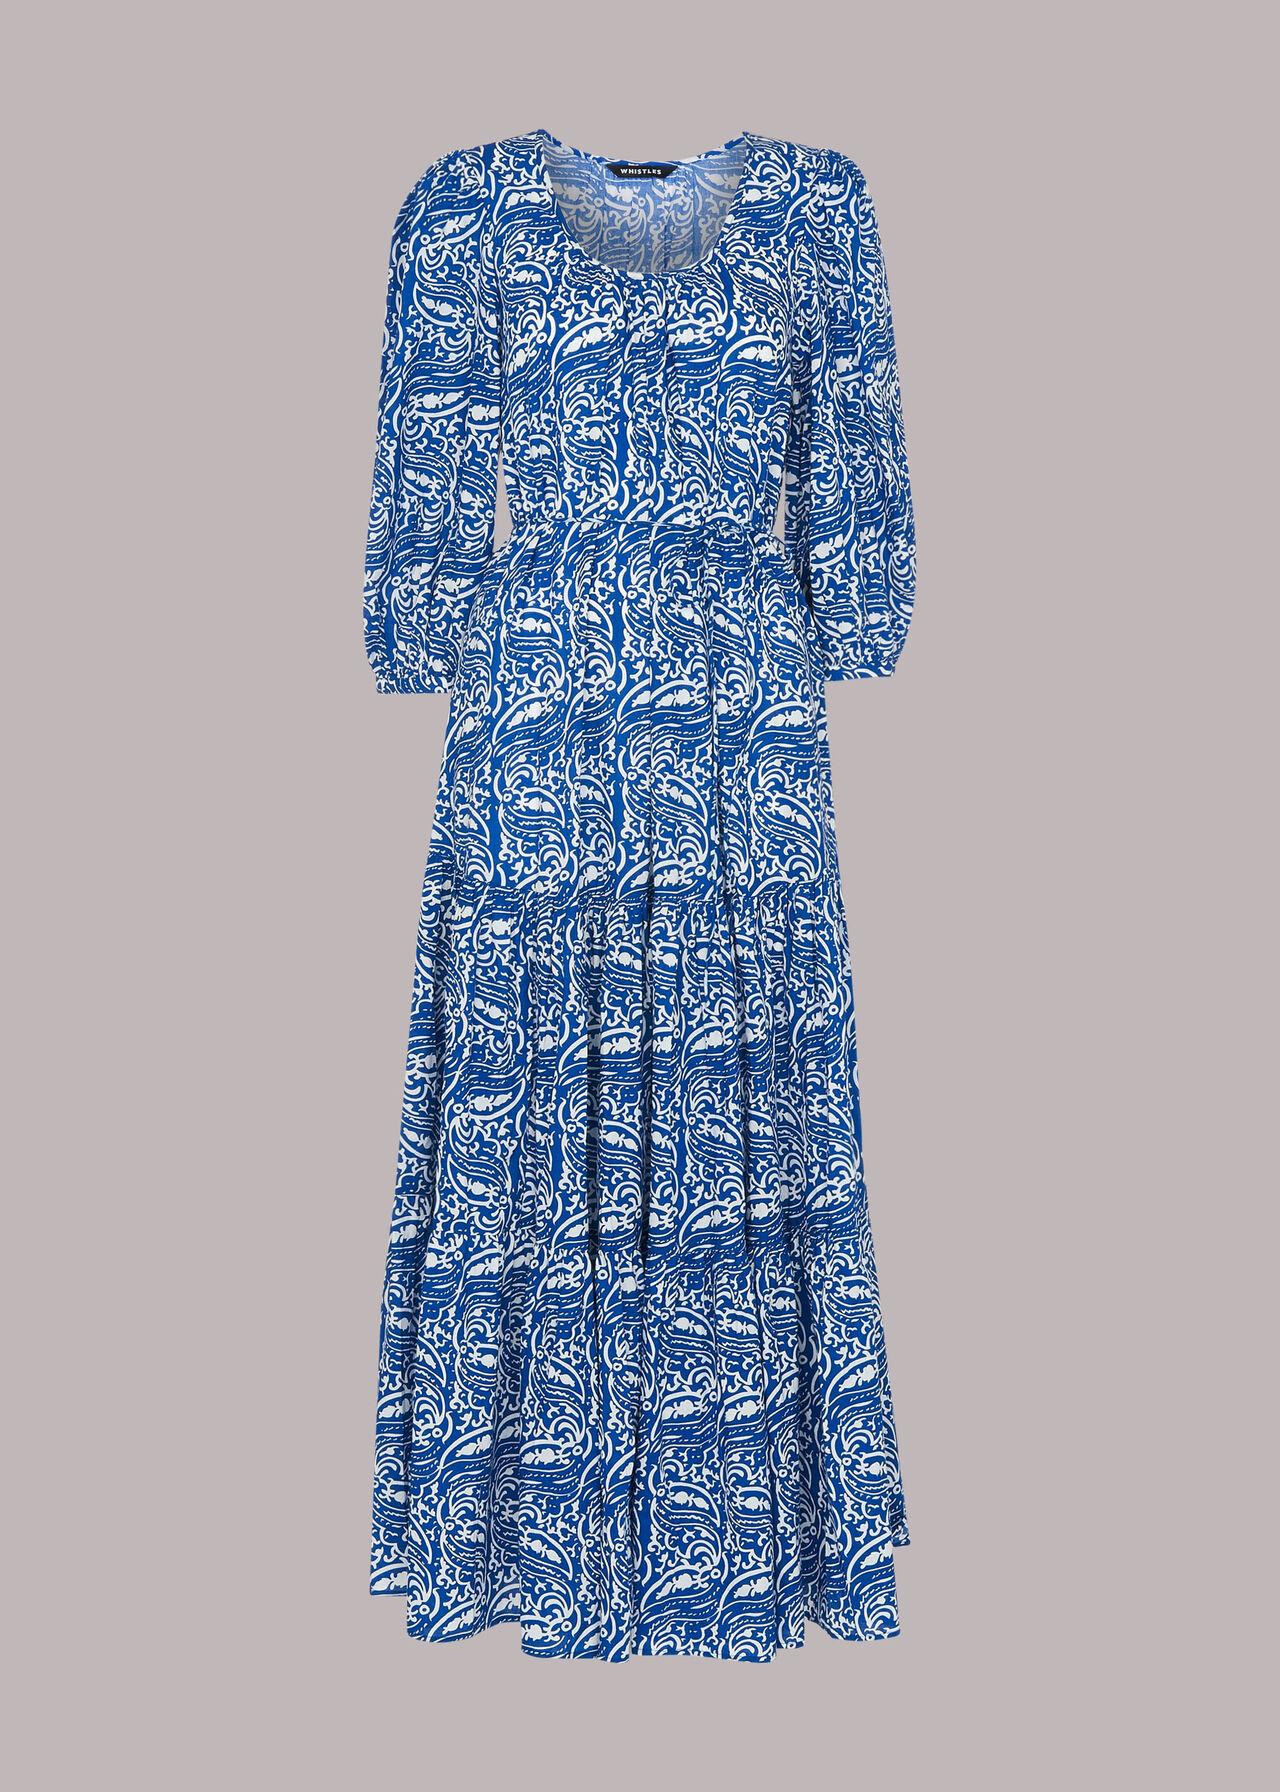 Chaina Print Trapeze Dress